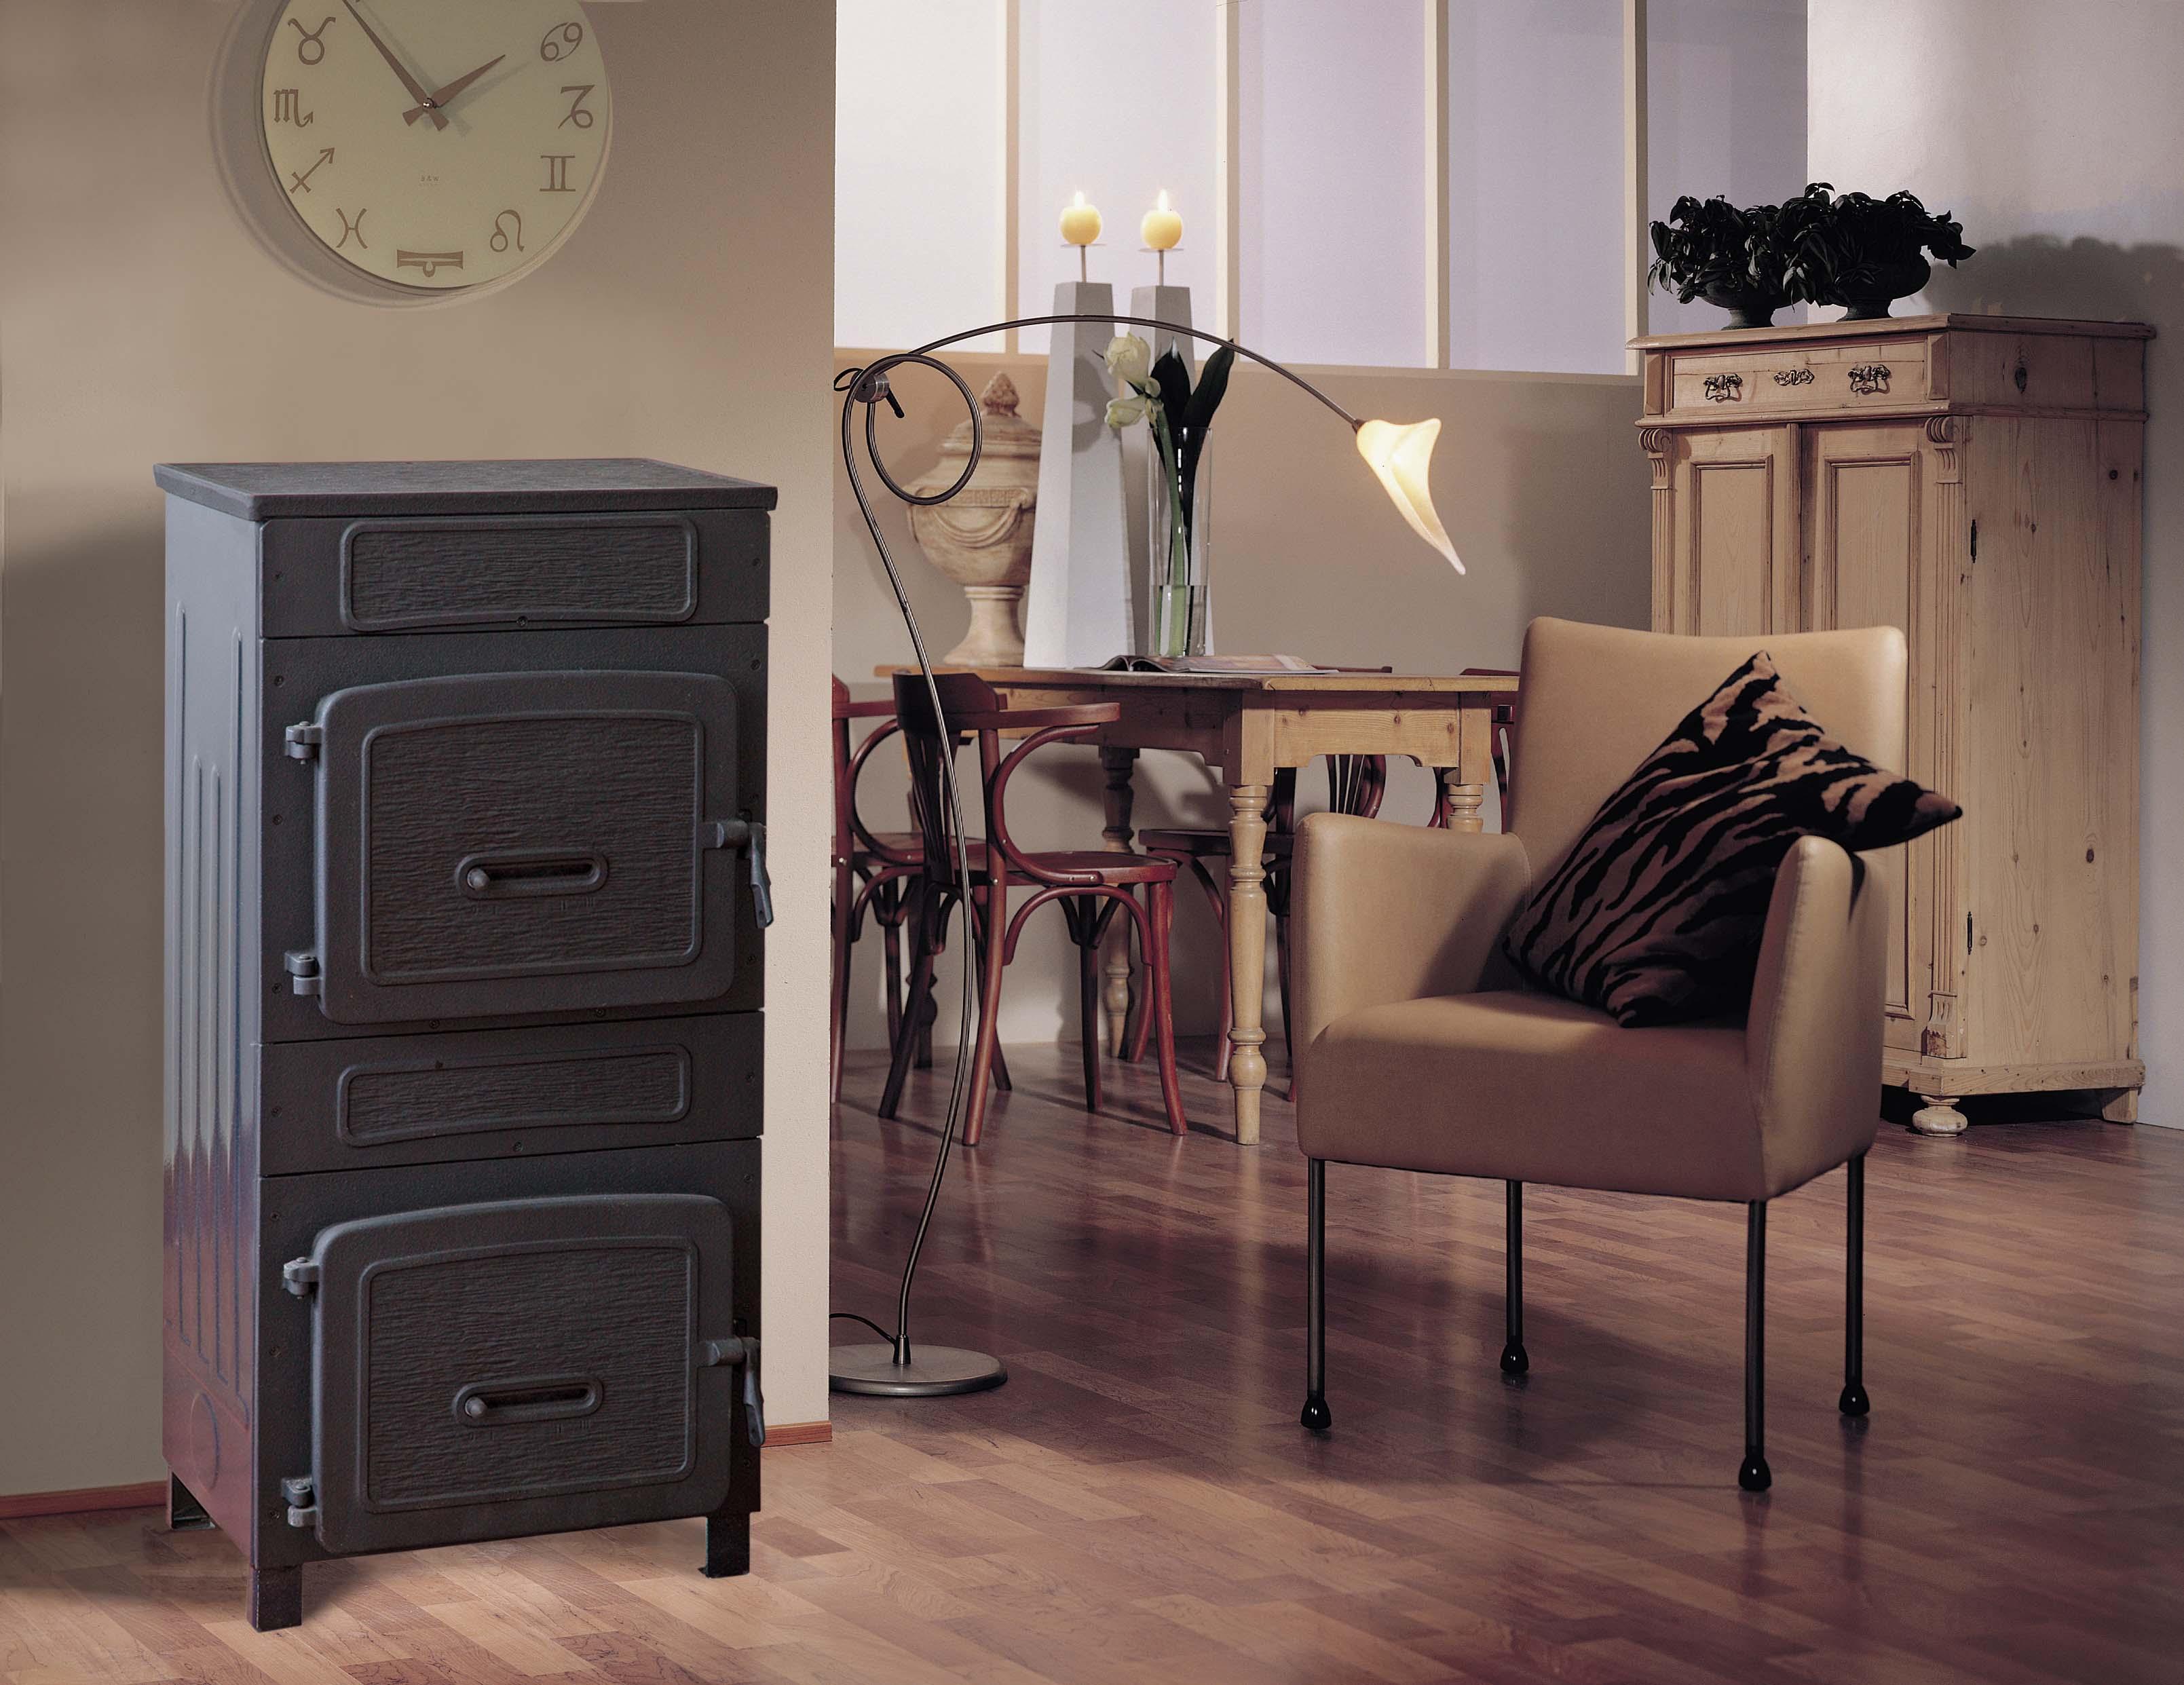 kamin wo 109 8 werkstattofen wamsler online kaufen. Black Bedroom Furniture Sets. Home Design Ideas